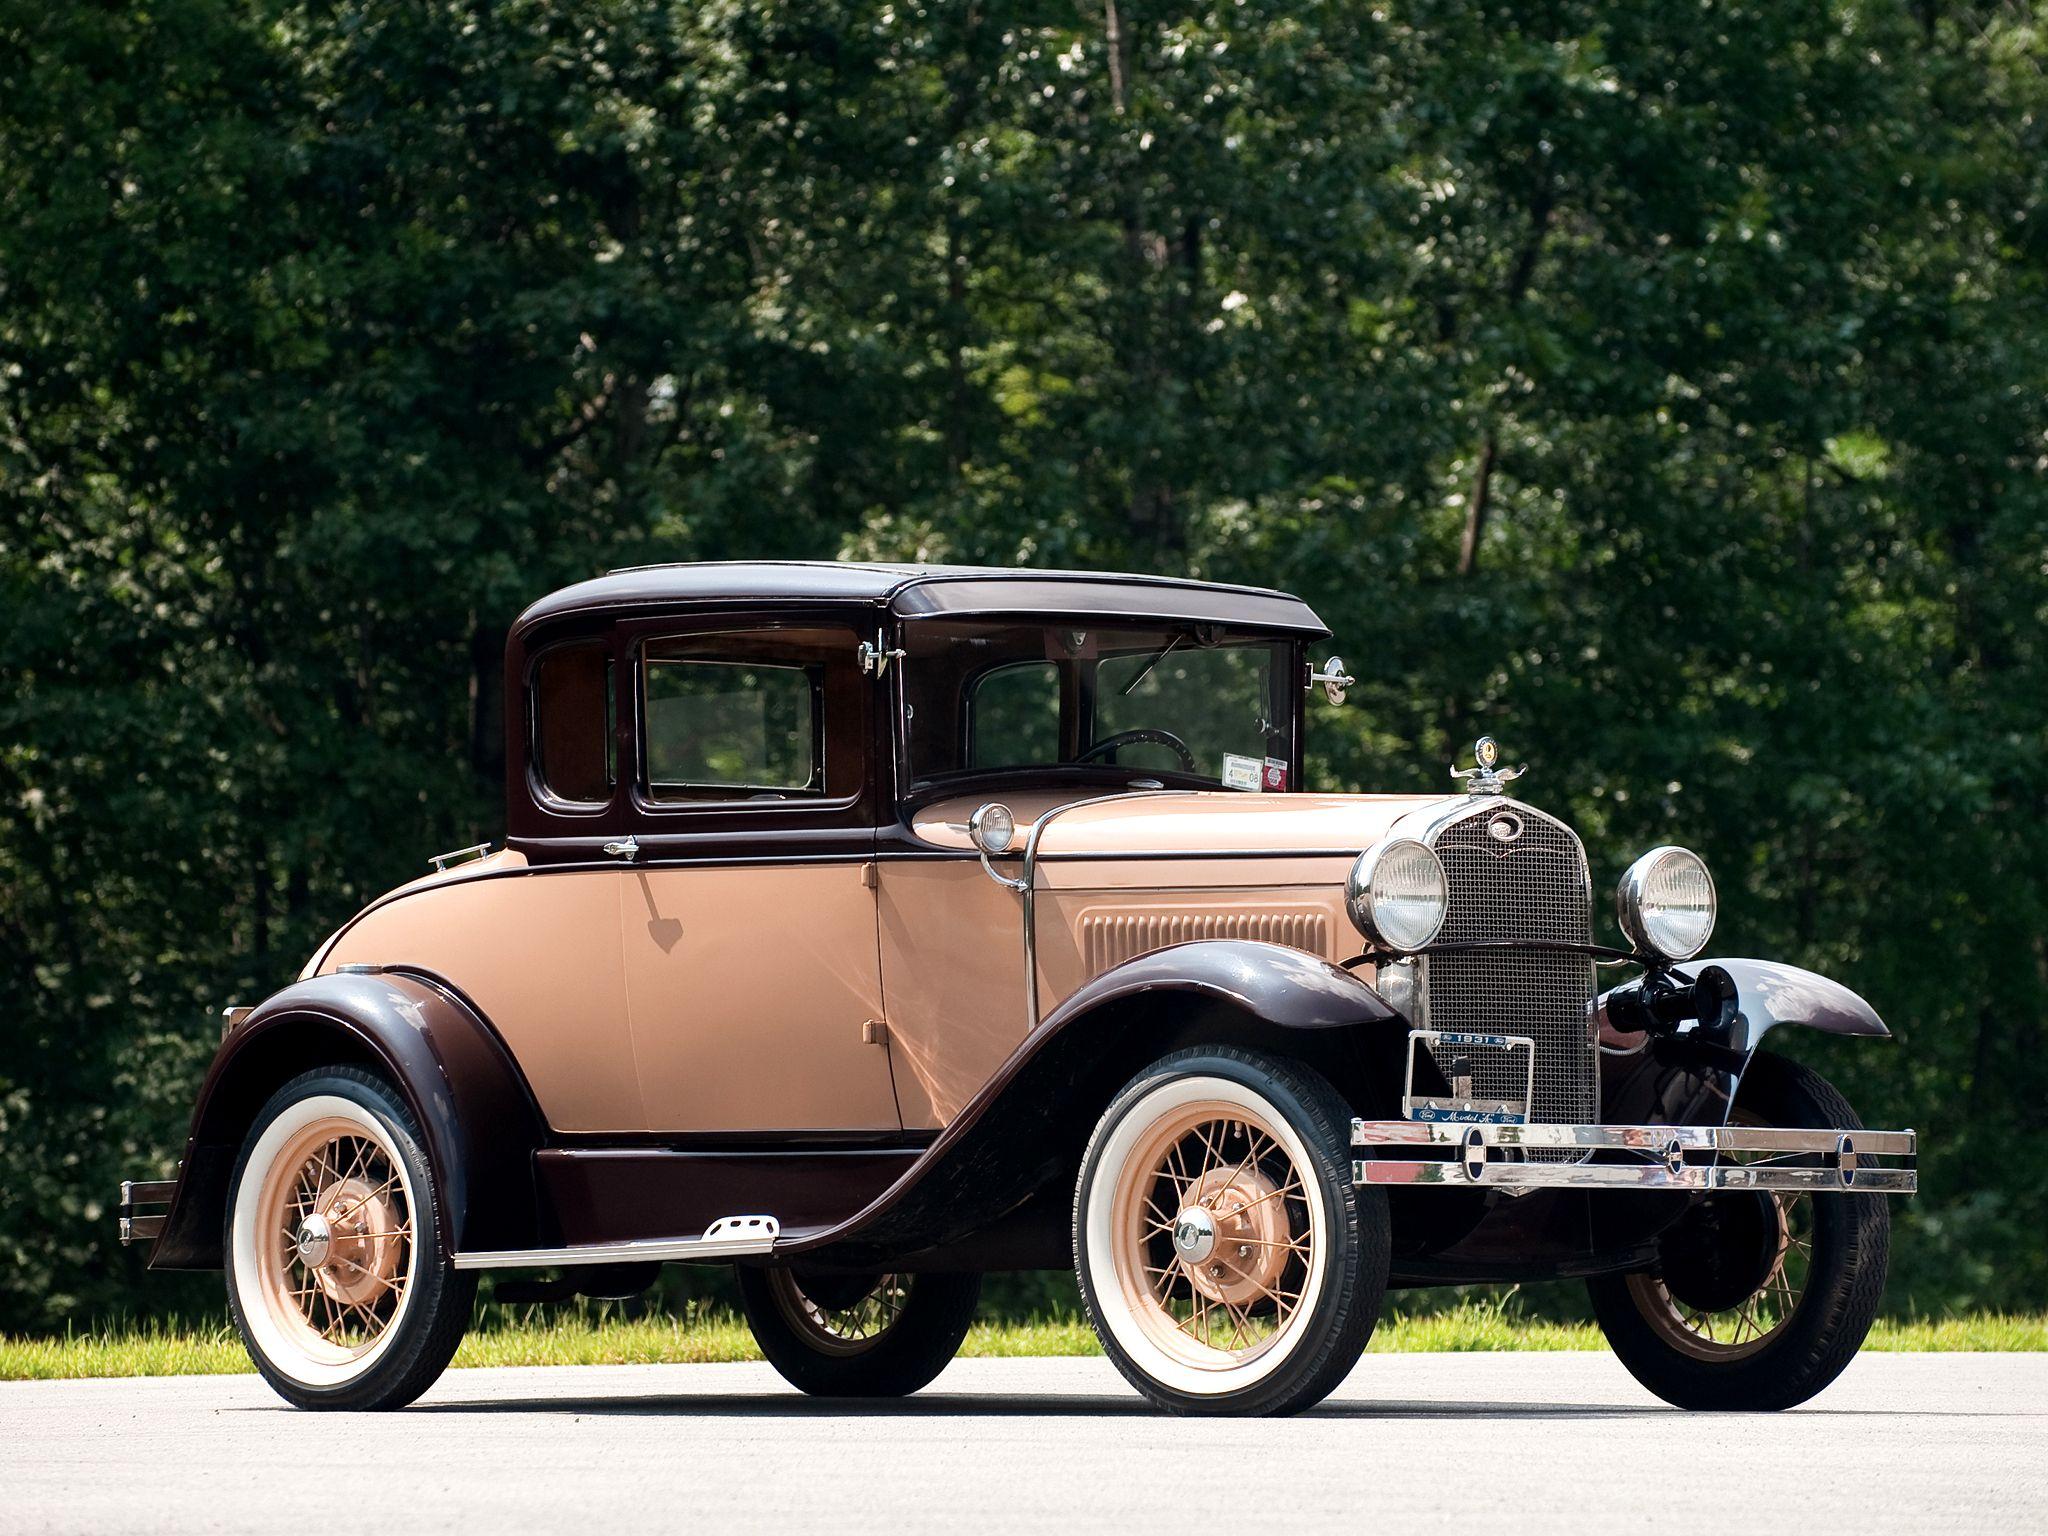 1930 Ford Model A 5 Window Coupe 45b Retro F Wallpaper 2048x1536 141957 Wallpaperup 1930 Ford Model A Ford Models 1931 Ford Model A